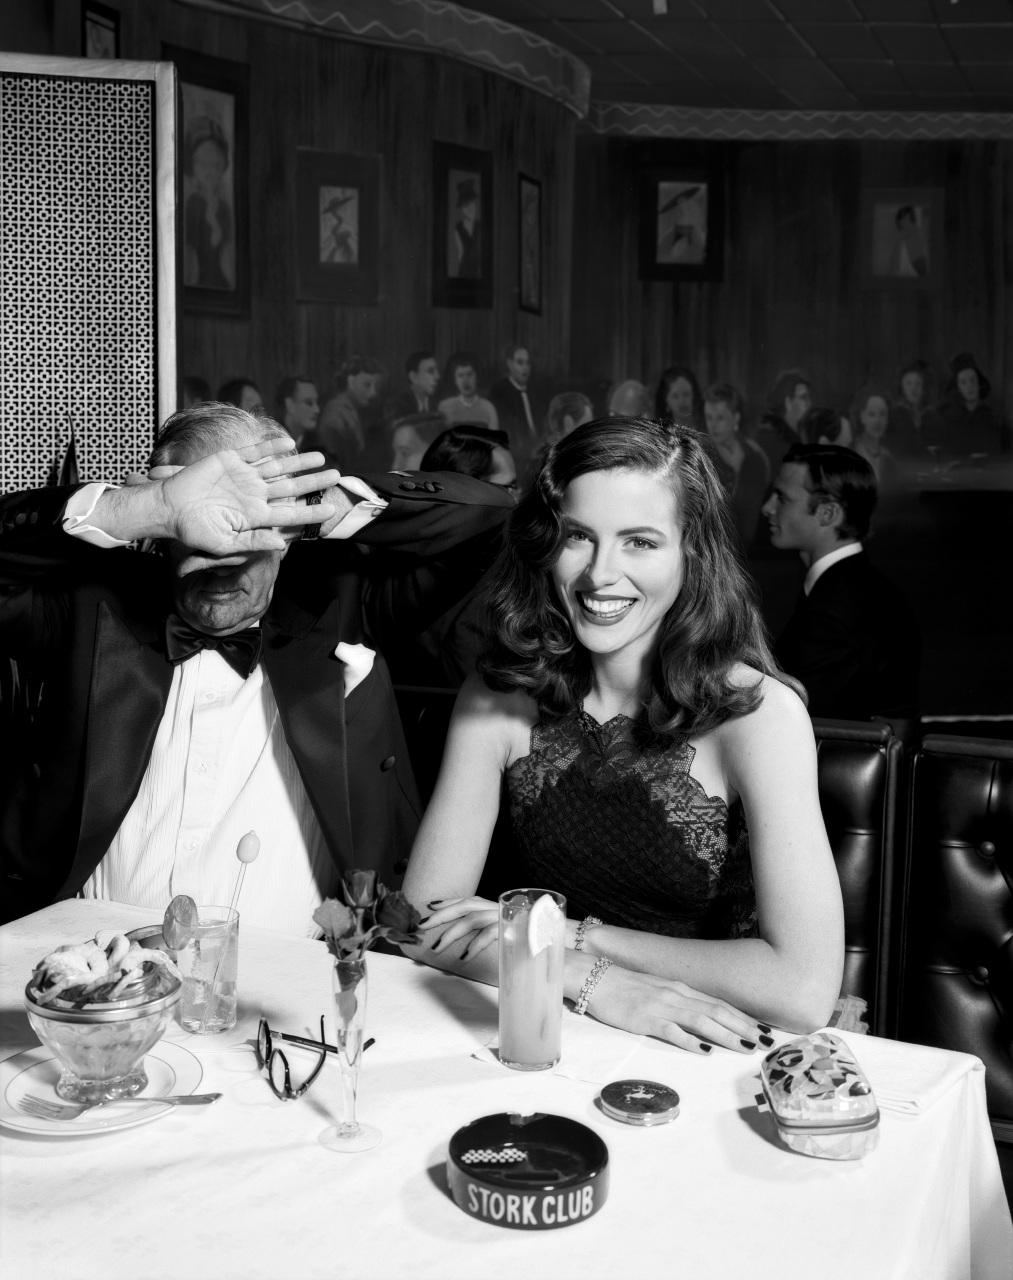 Кейт Бекинсейл  в фотосессии Джеффа Ридела  для журнала New York Times